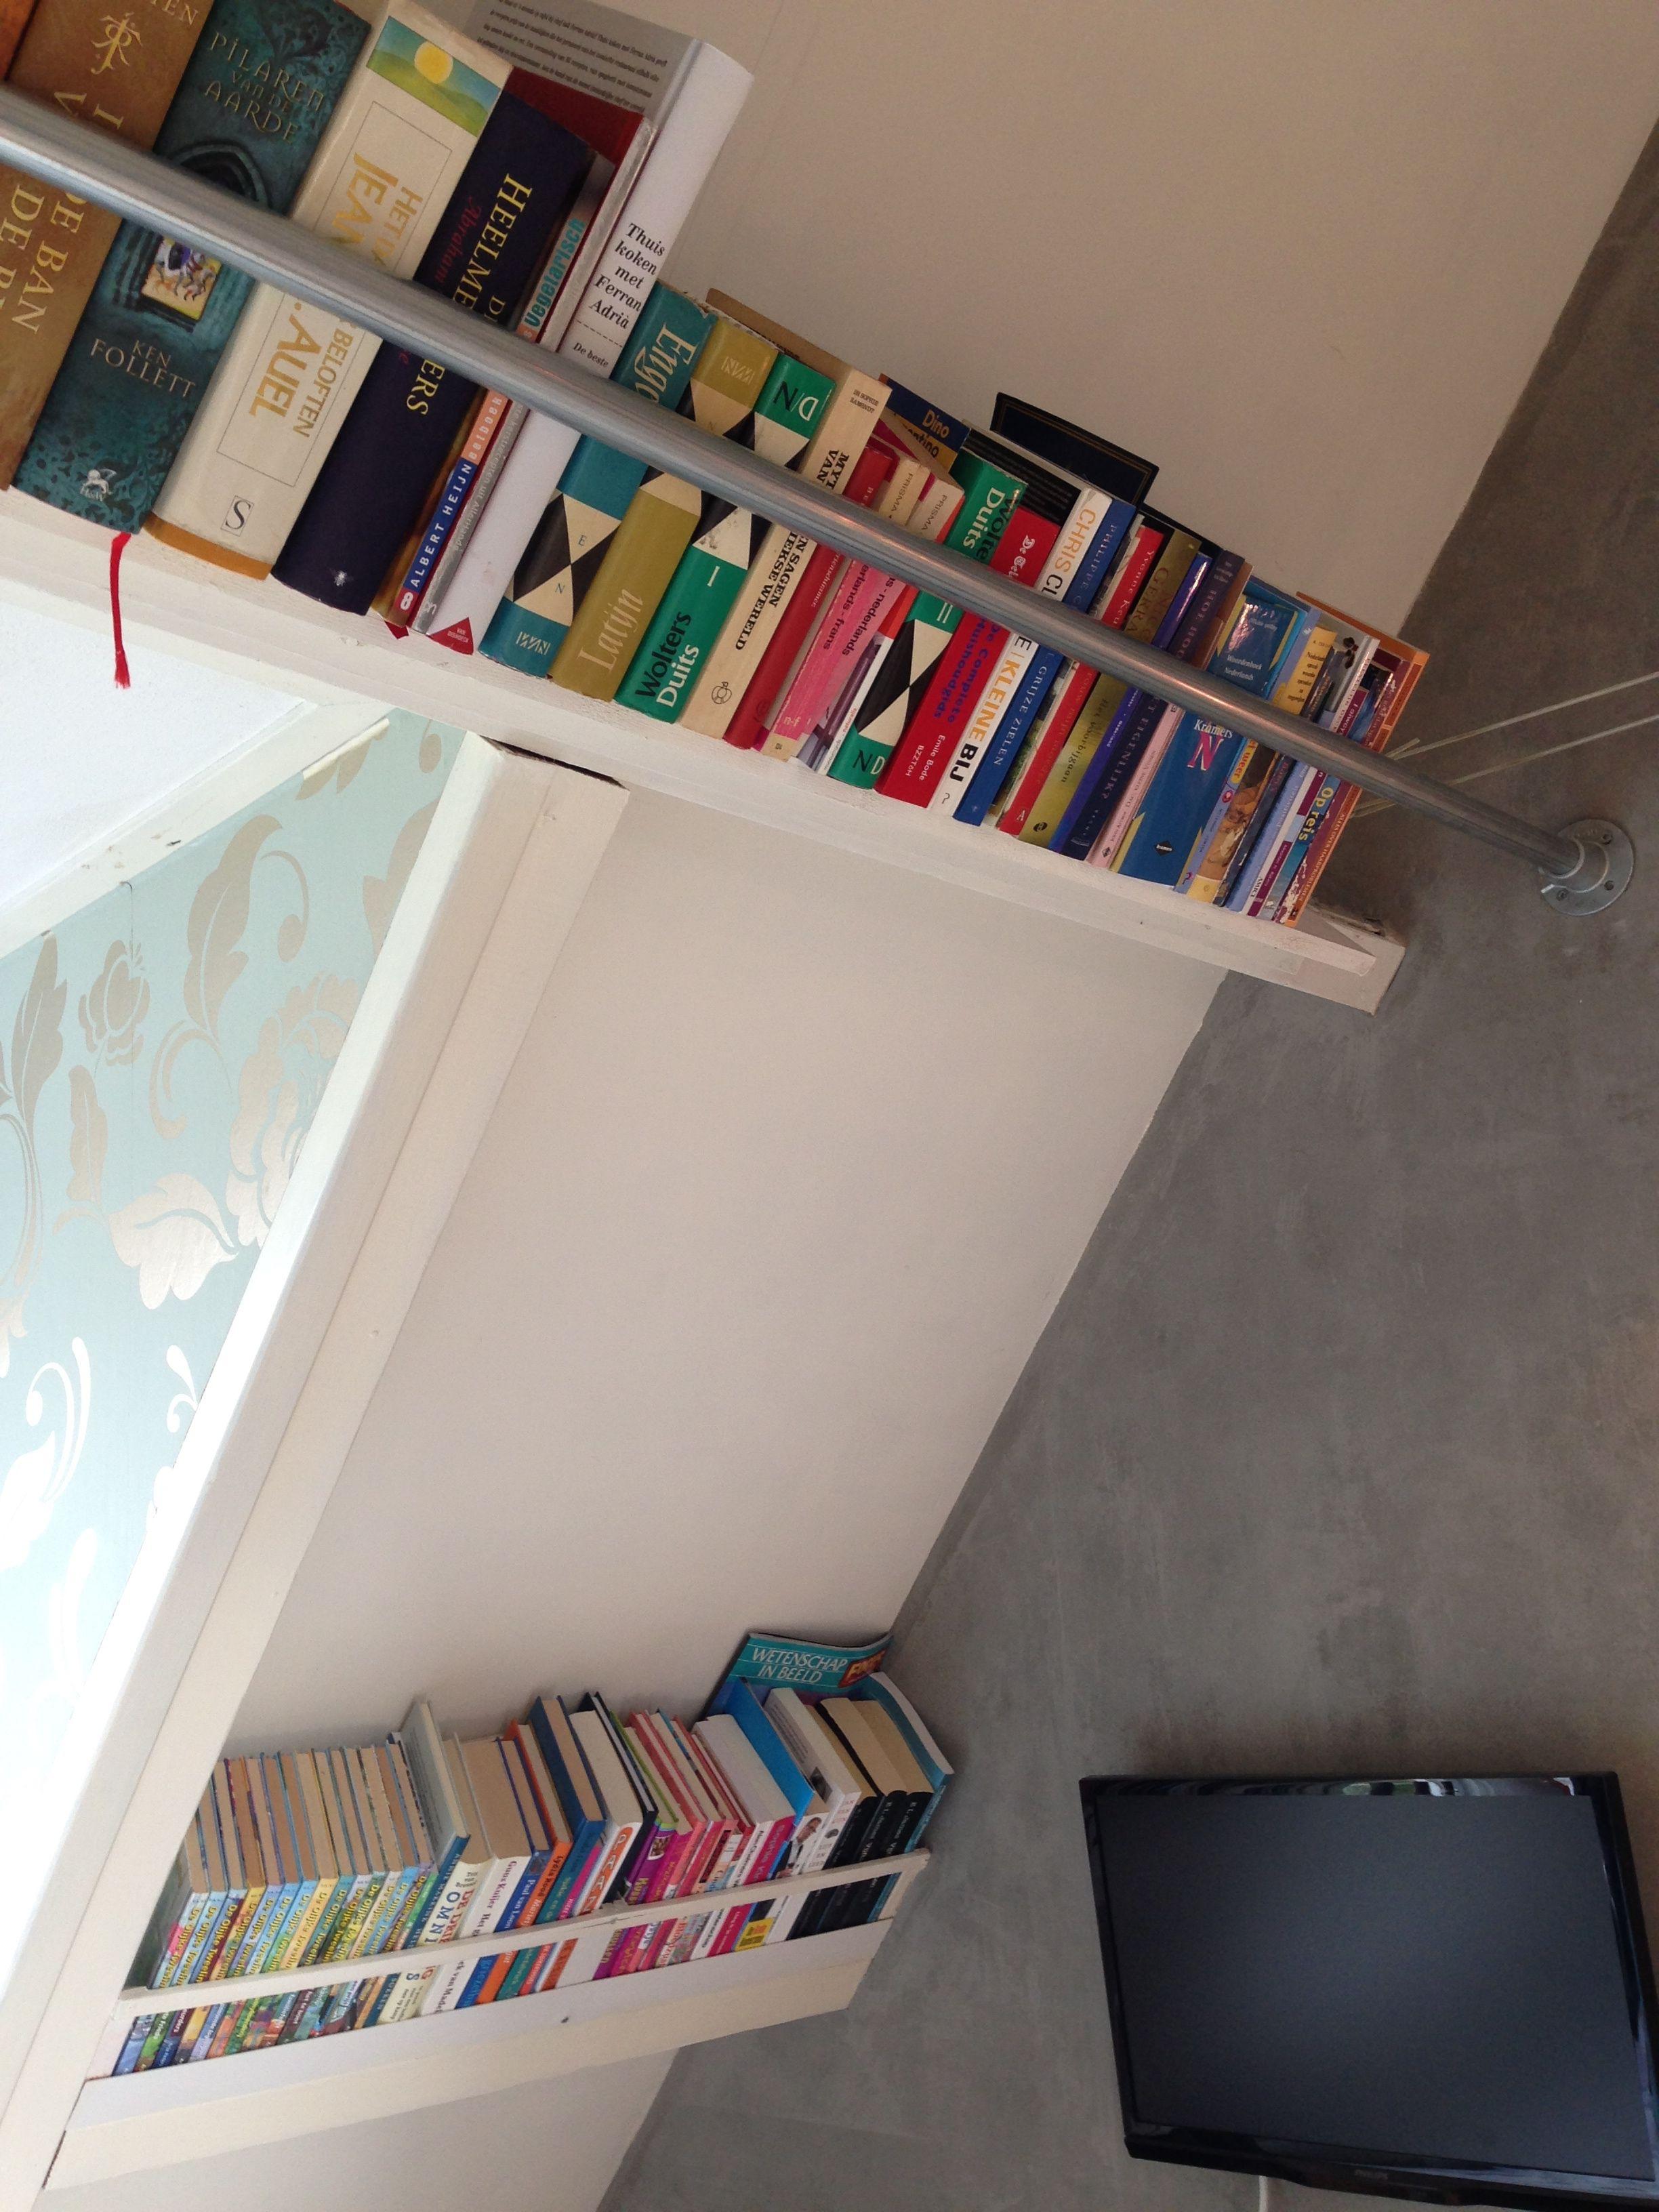 Boekenrek Tegen Muur.Boekenplank Schuine Wand Dak Architektura In 2019 Zolder